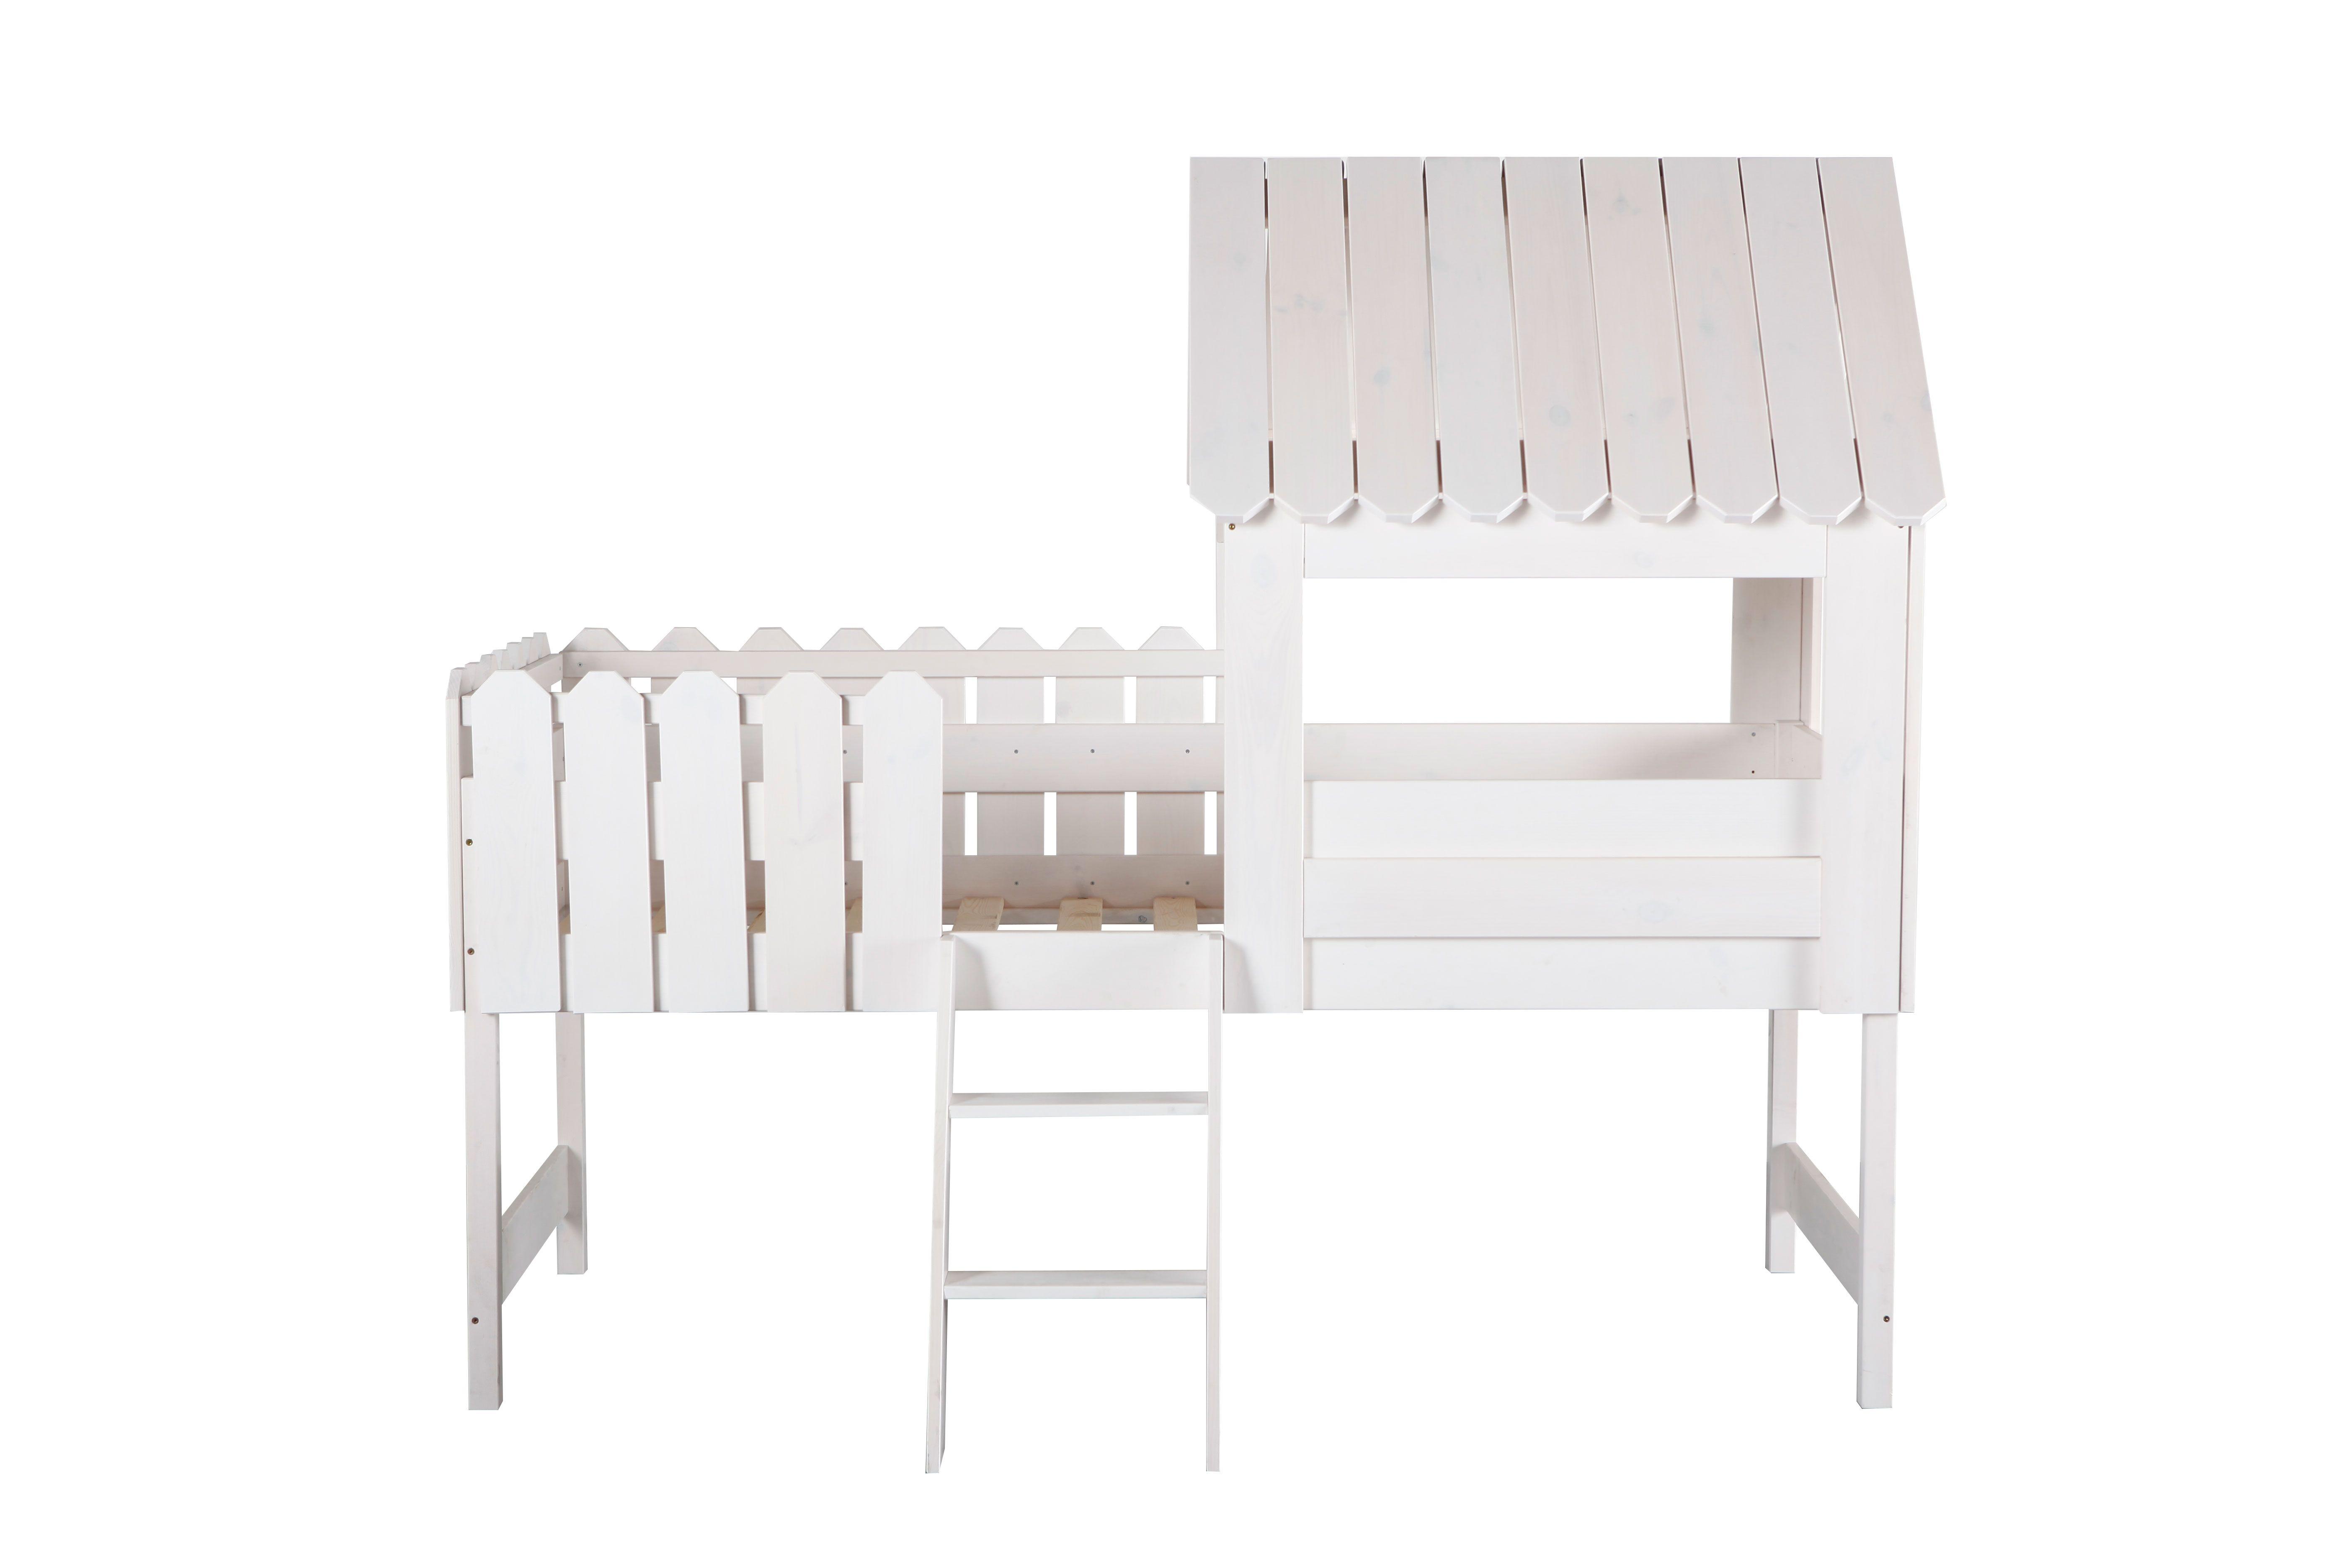 Lit cabane enfant blanc LITTLE HOUSE Zoom kid s room